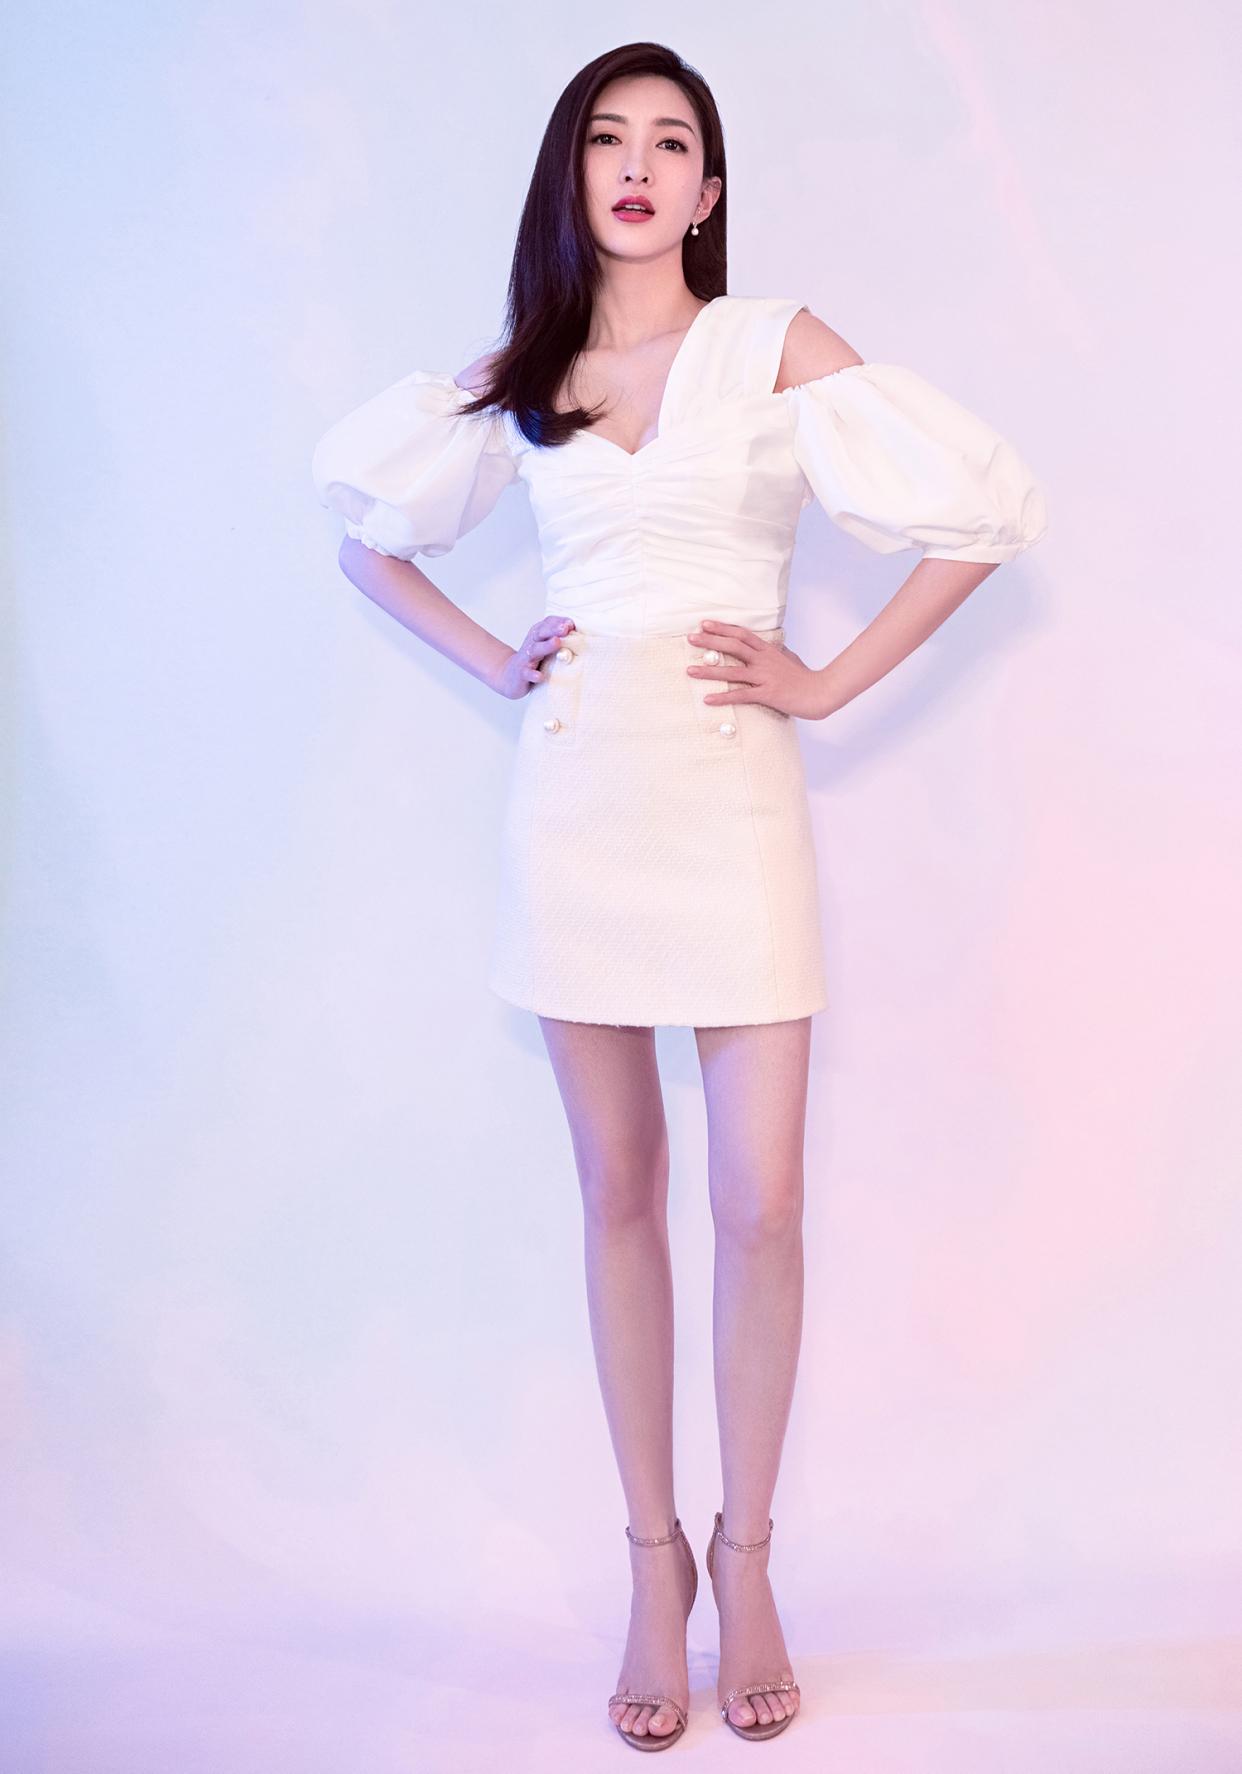 大长腿有时也会尴尬?江疏影扯着短裙下跪合影,短裙虽冷但心很暖